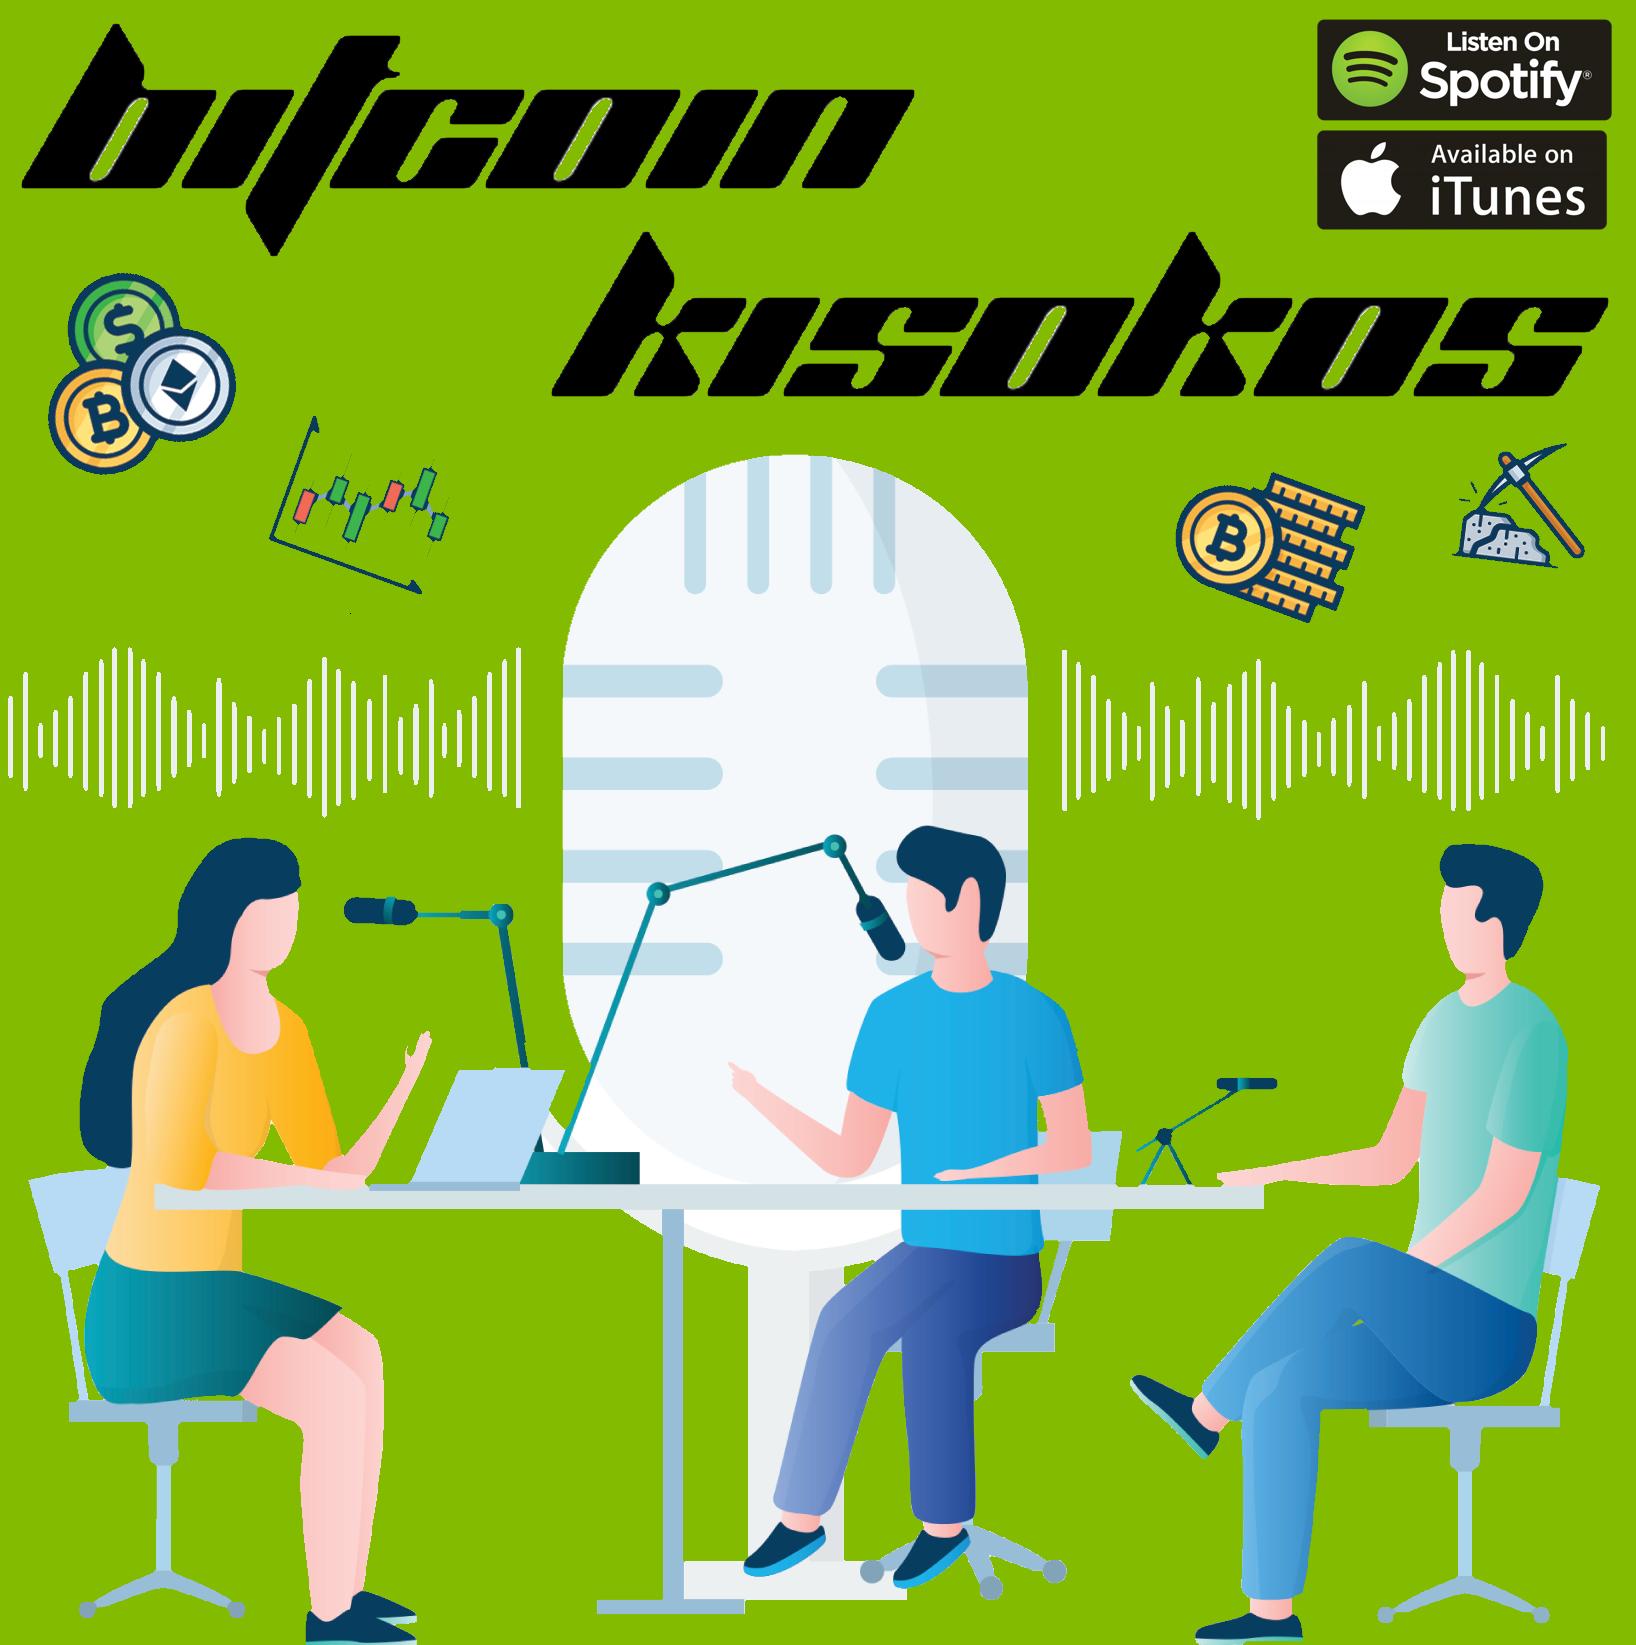 Bitcoin kisokos podcast cryptofalka